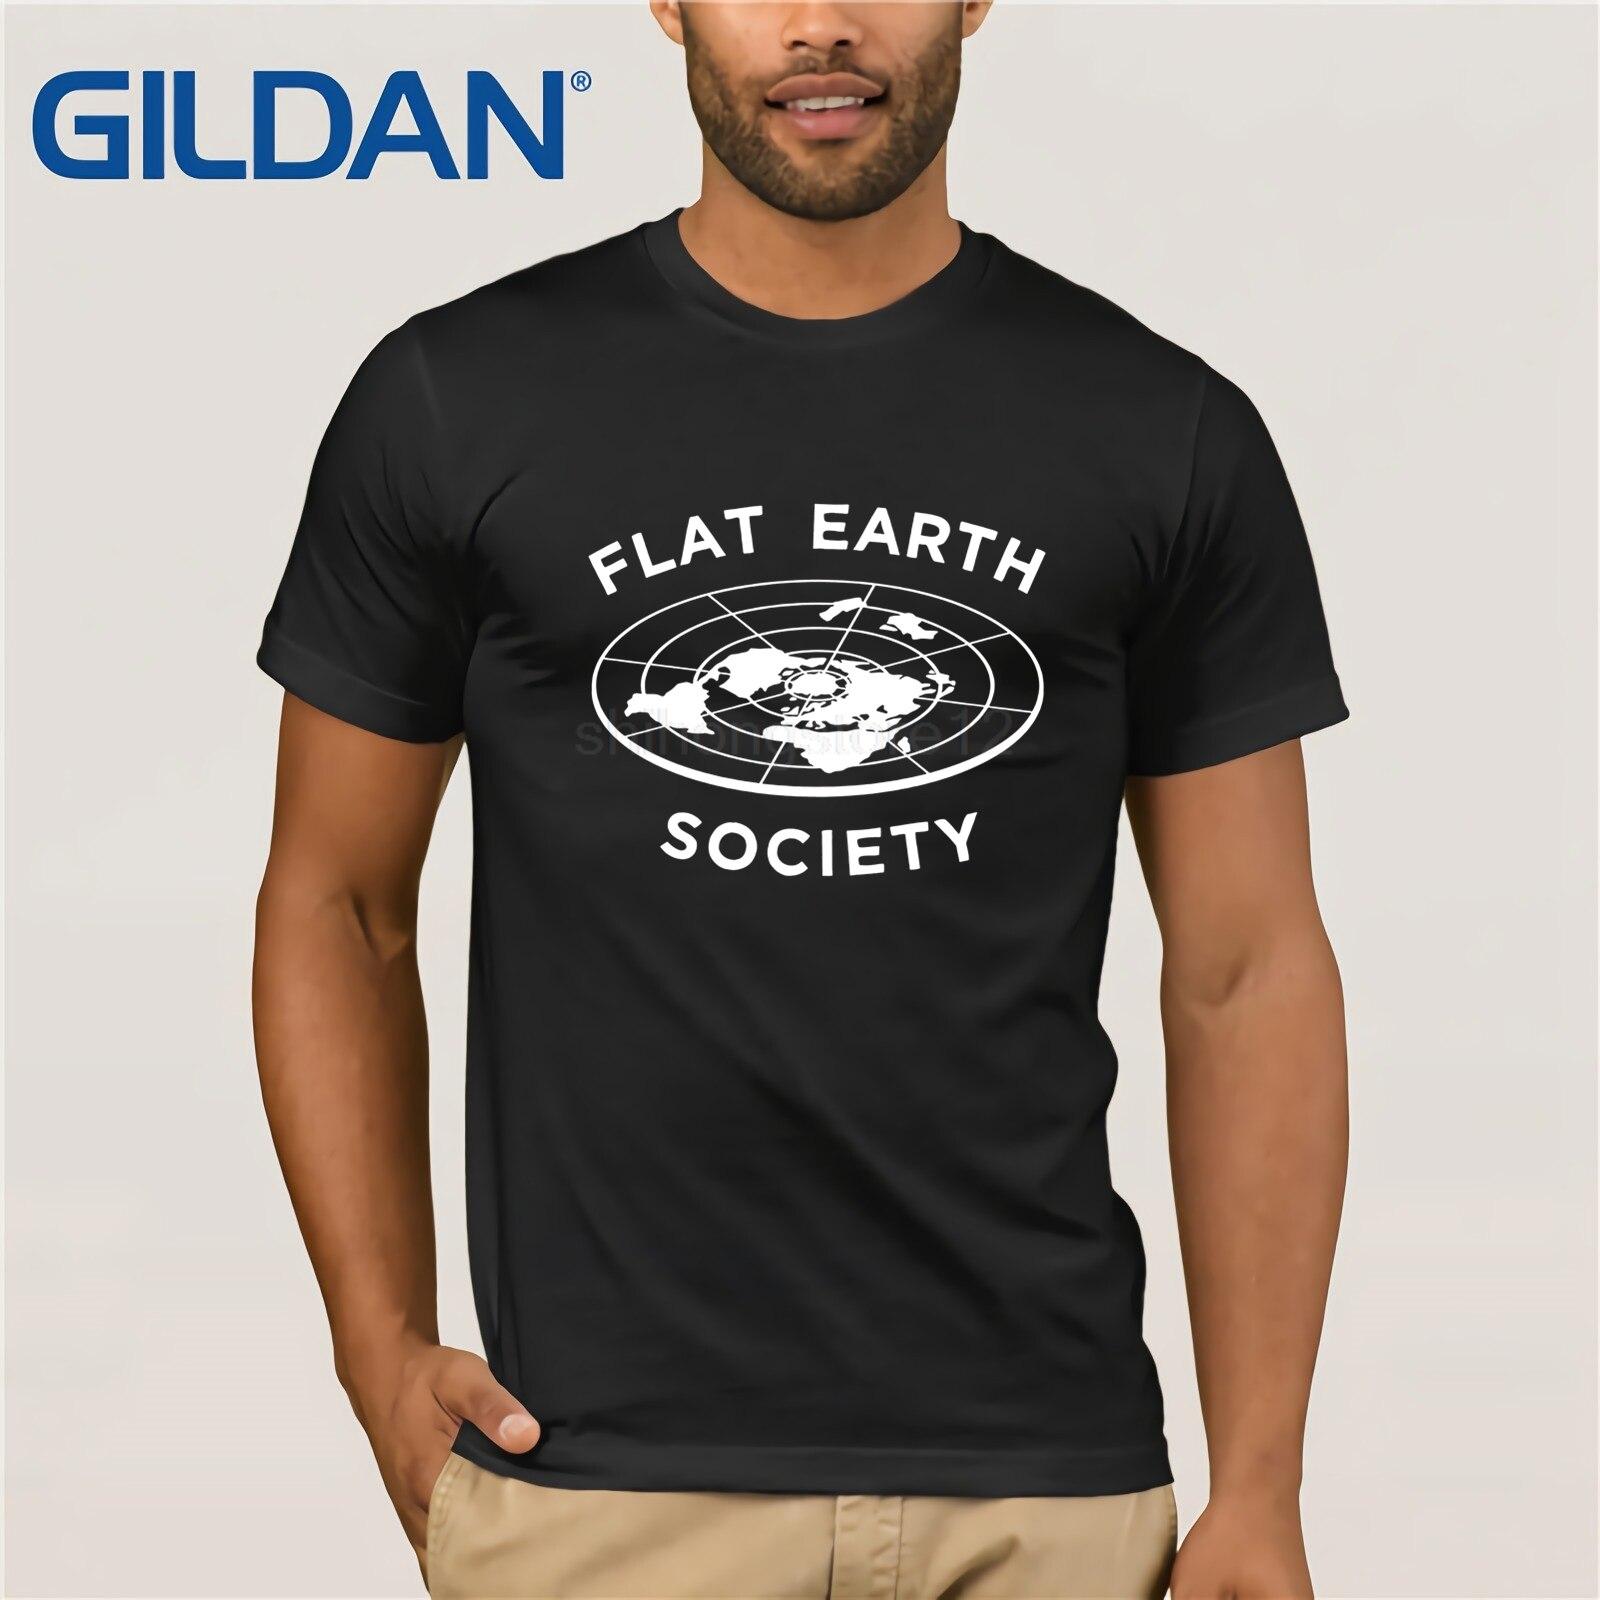 Gildan   t     shirt   2019 Fashion men   t  -  shirt   gildan Flat Earth Society   T  -  Shirt   Fun Conspiracy Graphic Tee